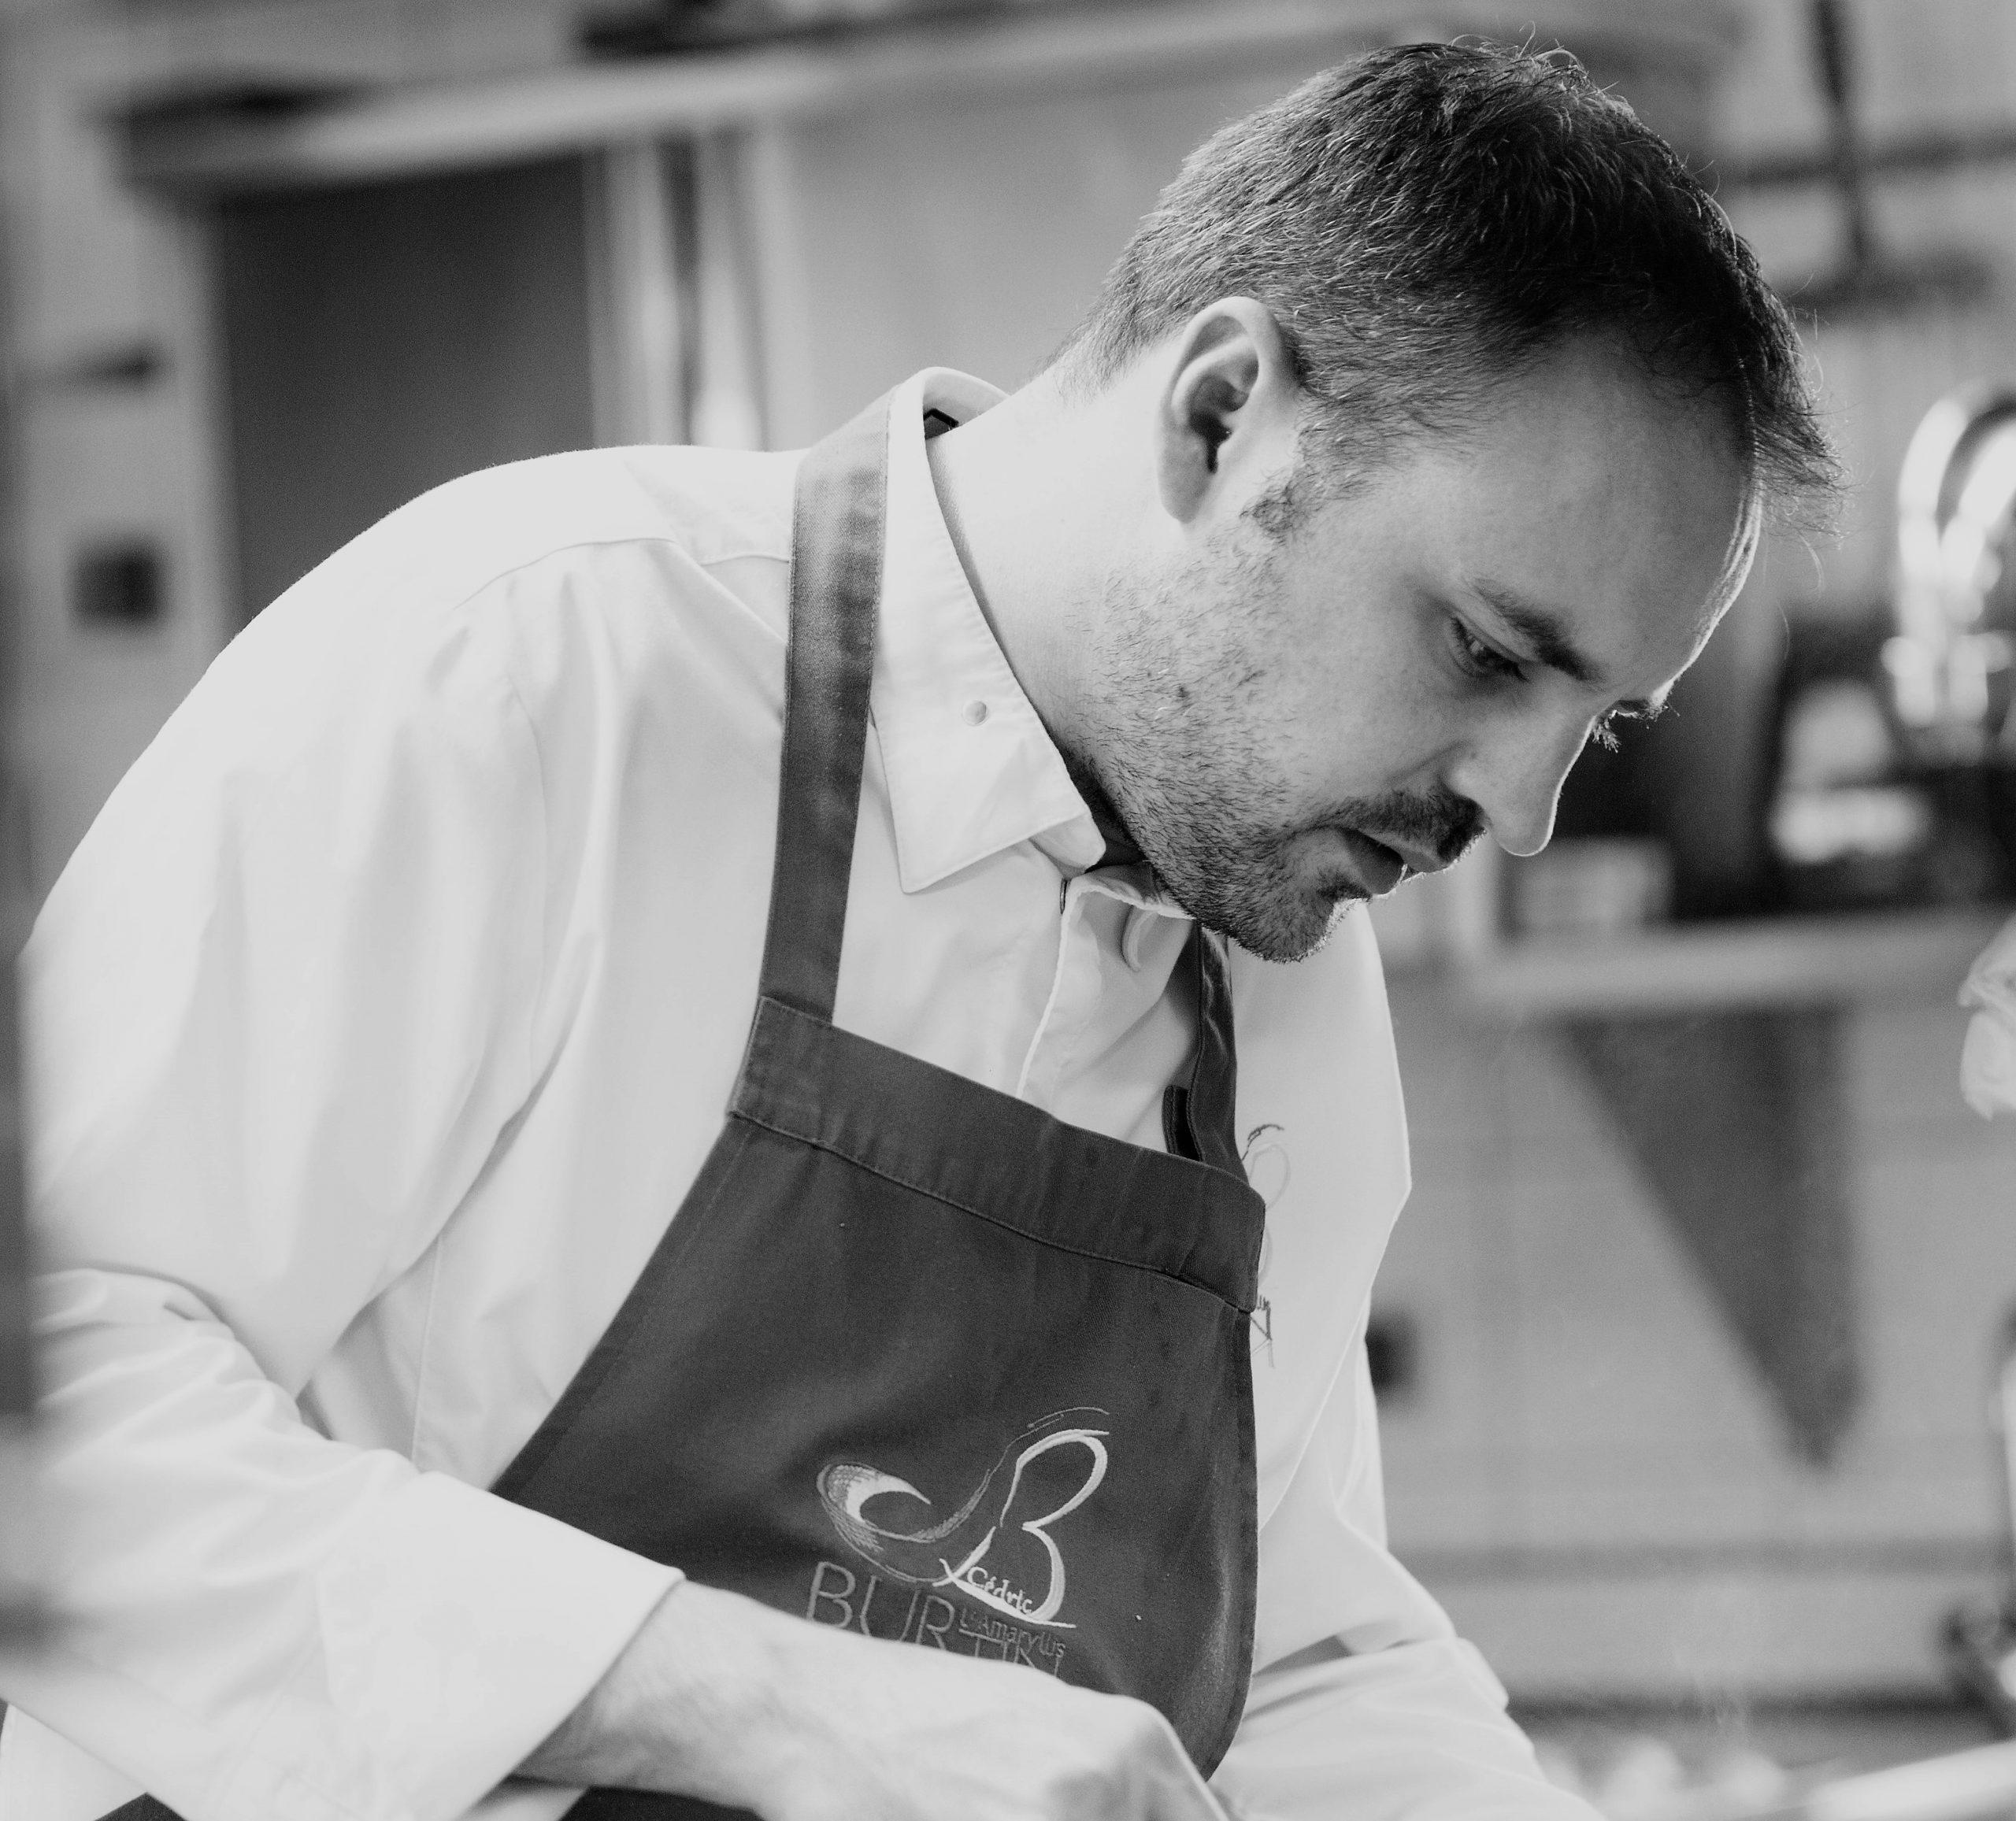 Cédric Burtin, L'Amaryllis Bistrot Culinaire Chalon, Macon & Montceau-les-Mines | COnsole SHop & Go la solution de ventes à emporter et Click & Collect